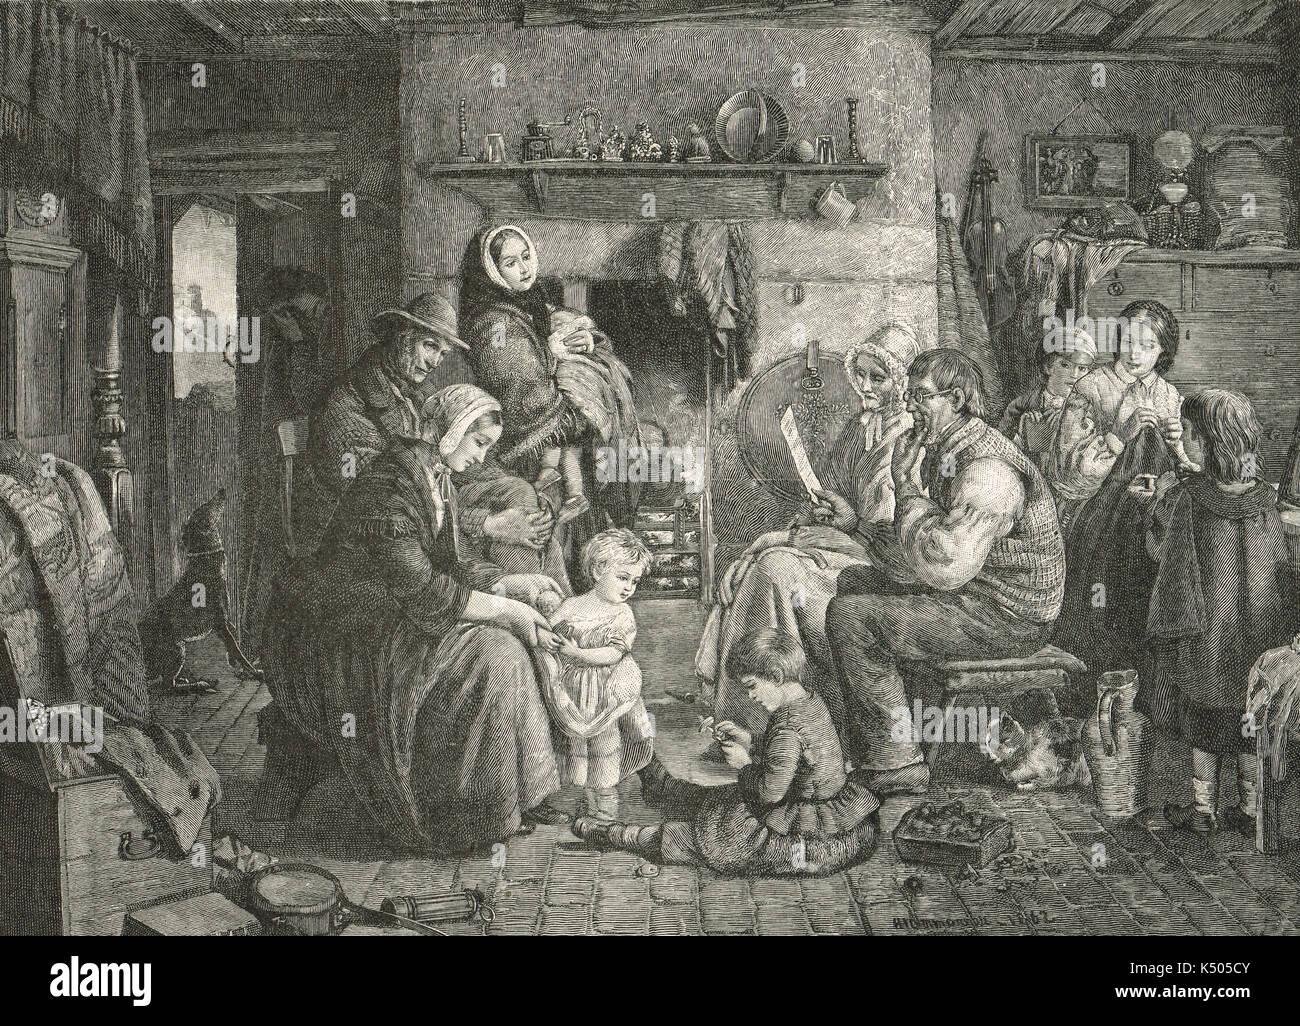 Lettera di cordoglio da Queen Victoria, letta dal clero alle vedove, Hartley colliery disastro, 1862 Immagini Stock